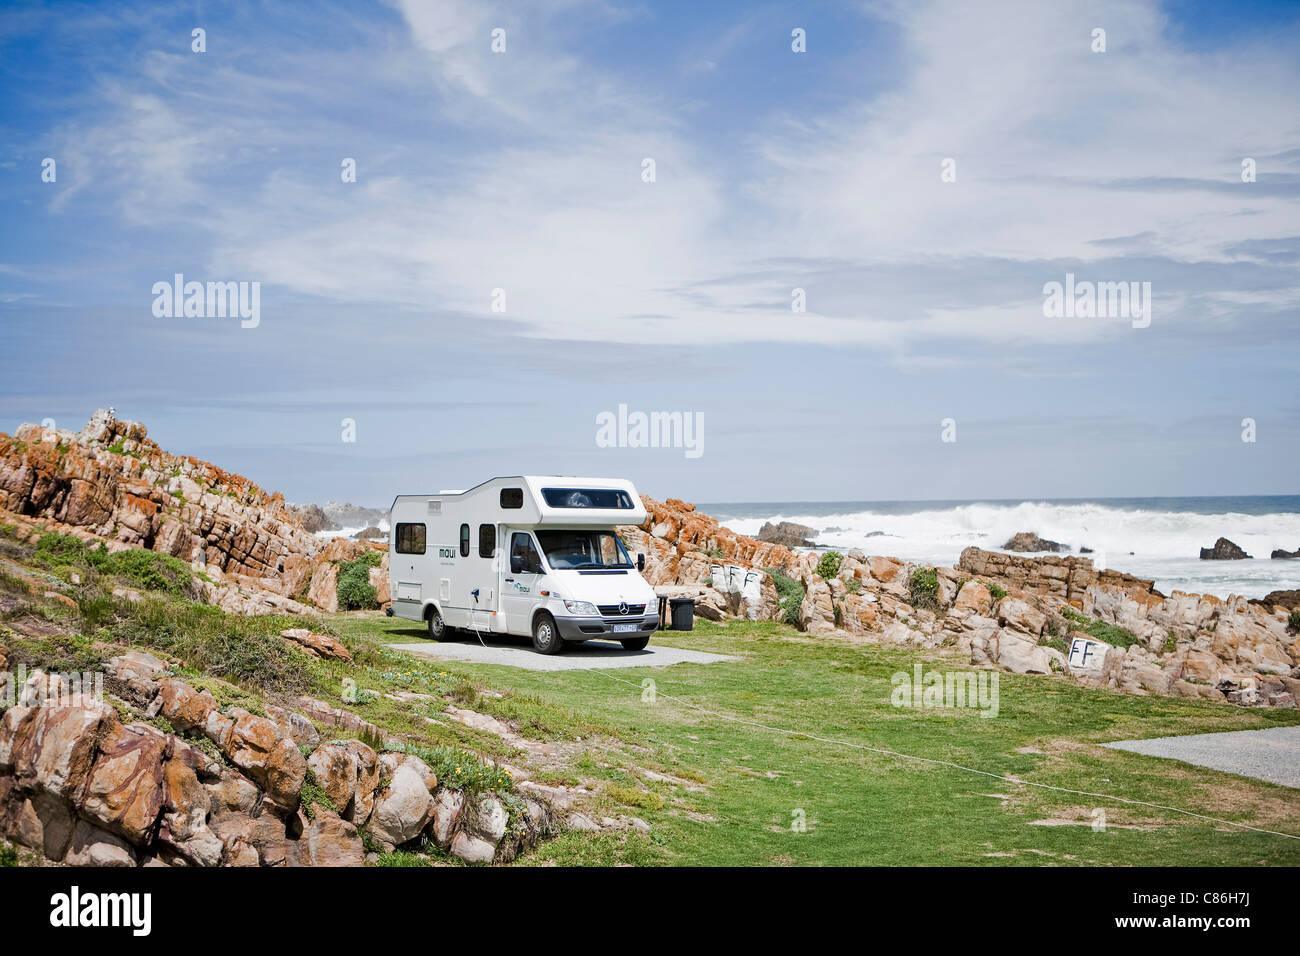 Vehículo recreativo estacionado en la playa Imagen De Stock